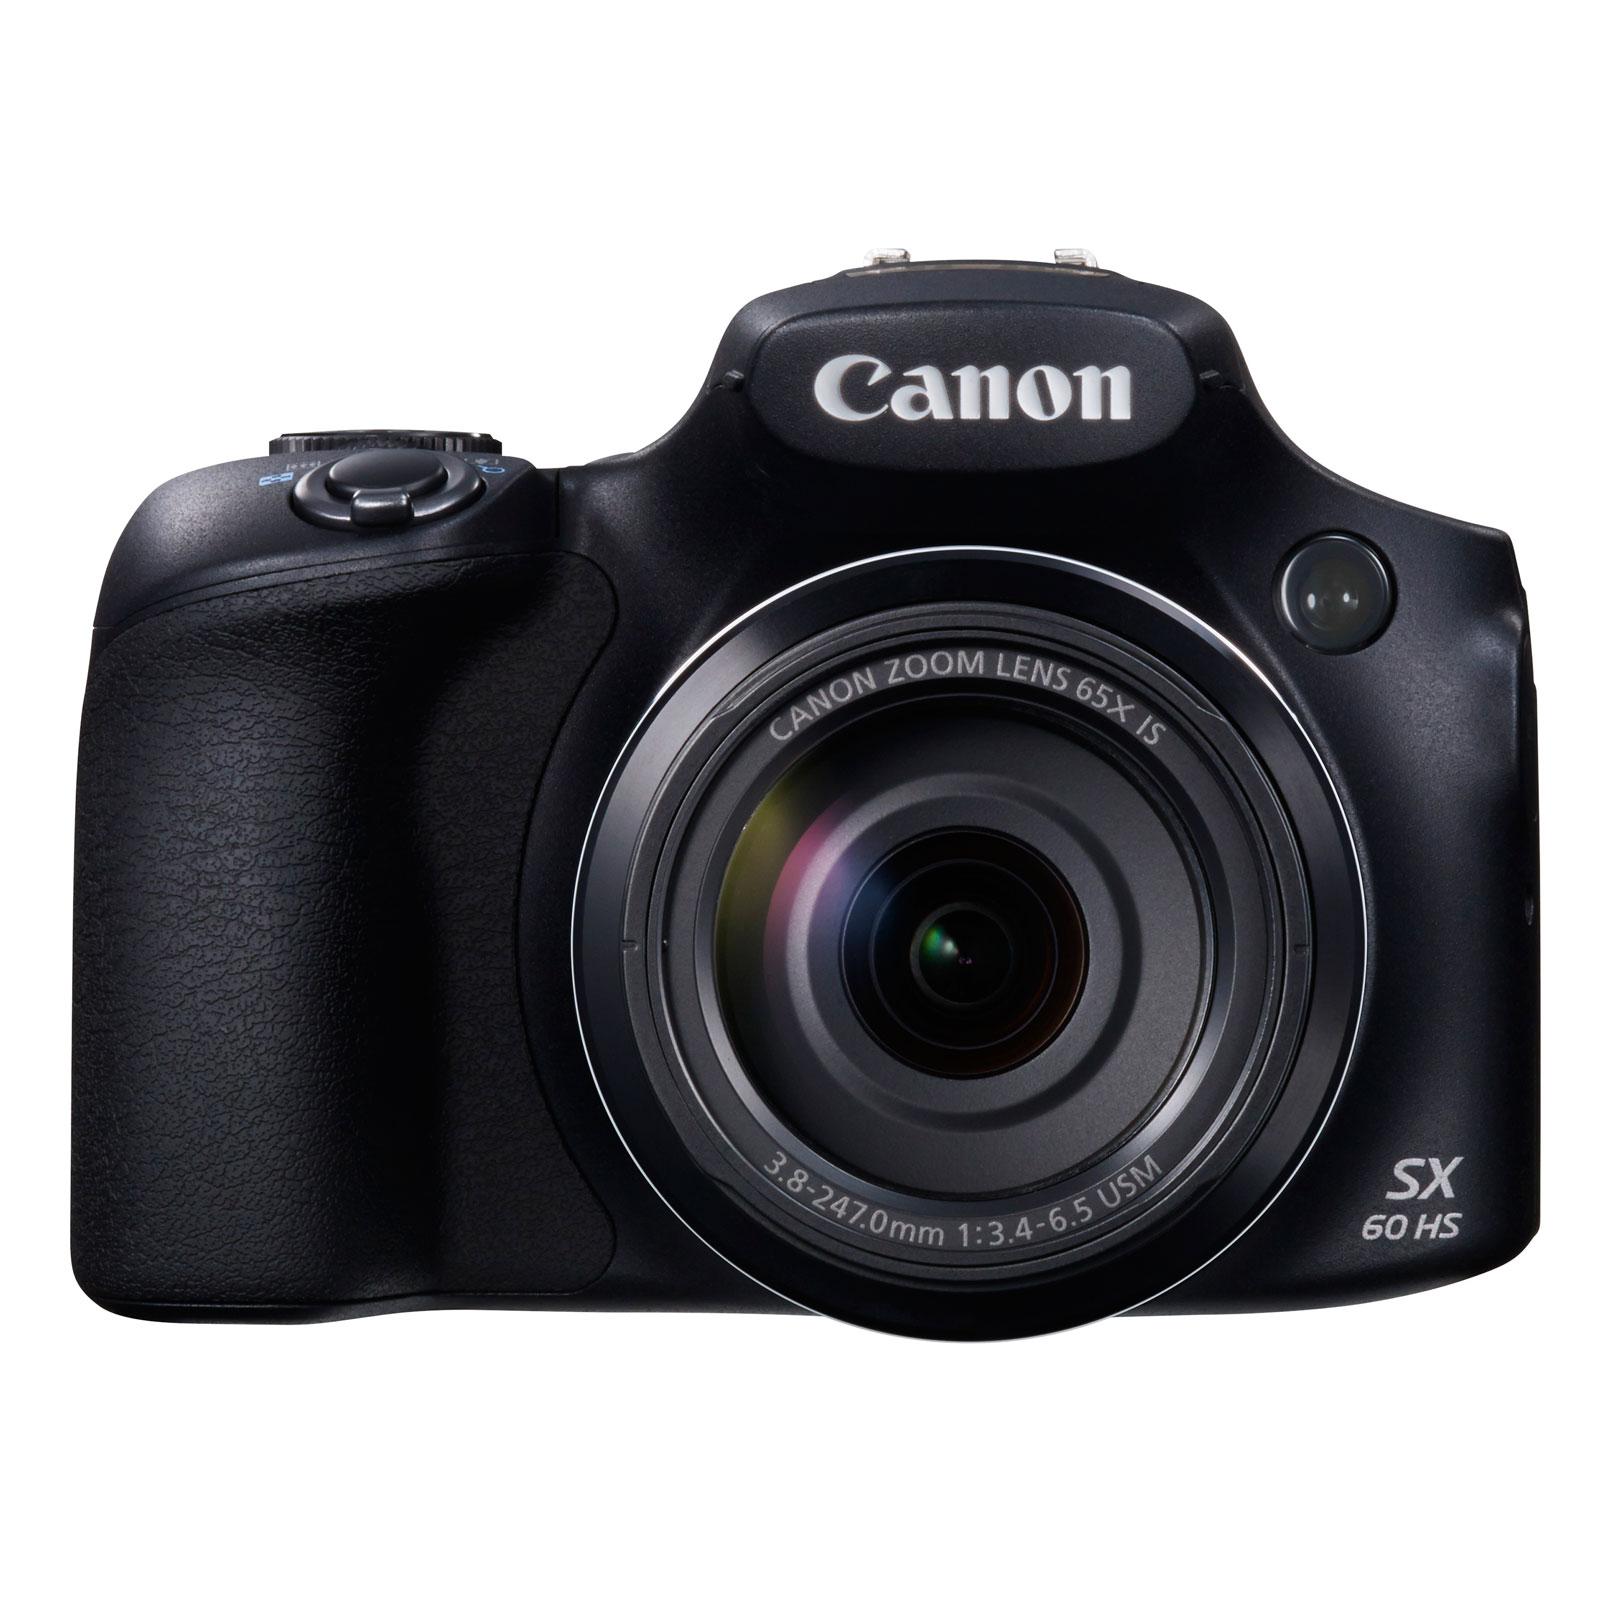 Appareil photo numérique Canon PowerShot SX60 HS  Appareil photo 16.1 MP - Zoom optique ultra grand-angle 65x - Vidéo Full HD - Wi-Fi - NFC